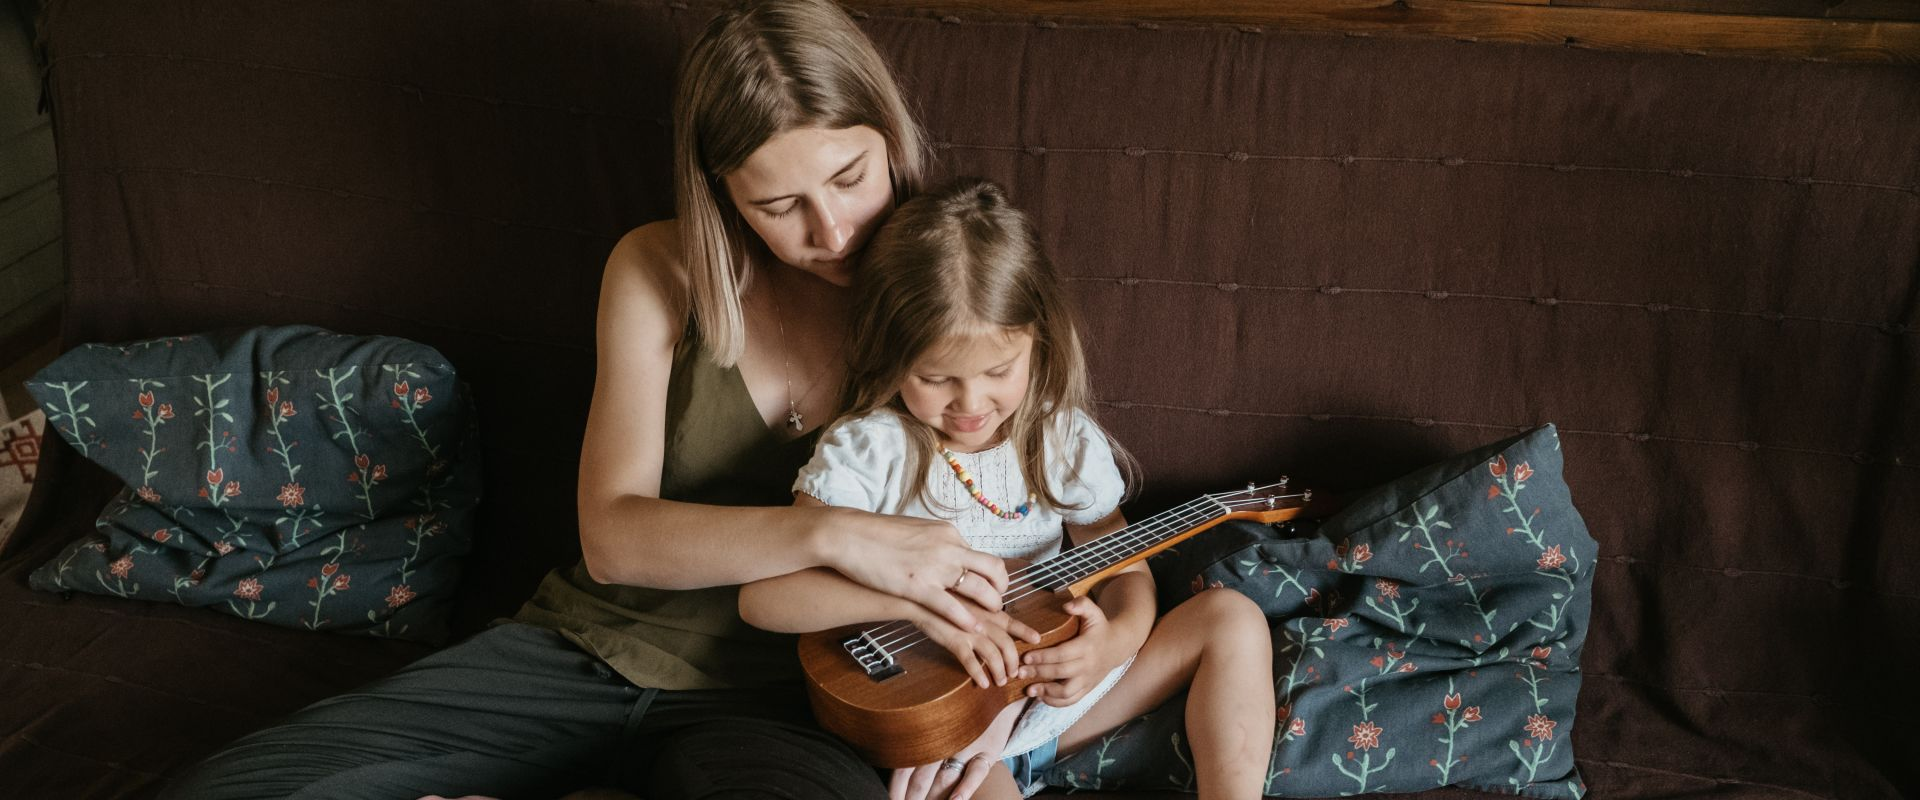 Titelbild des Blogartikels Wie Musikunterricht dein Kind positiv beeinflusst